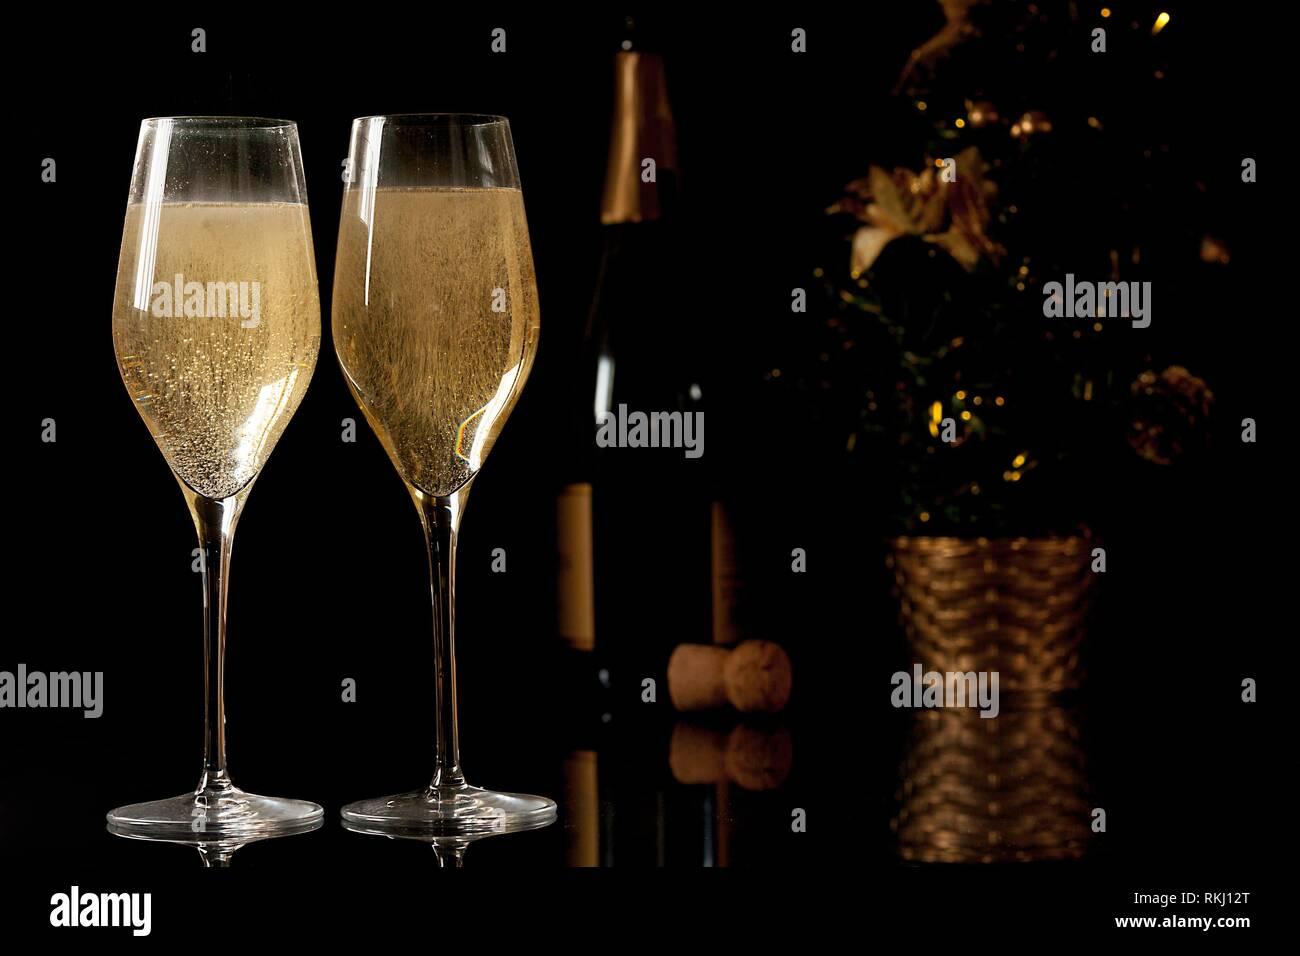 Sfondi Natalizi Eleganti.Due Bicchieri Di Champagne Bottiglia Di Champagne E Albero Di